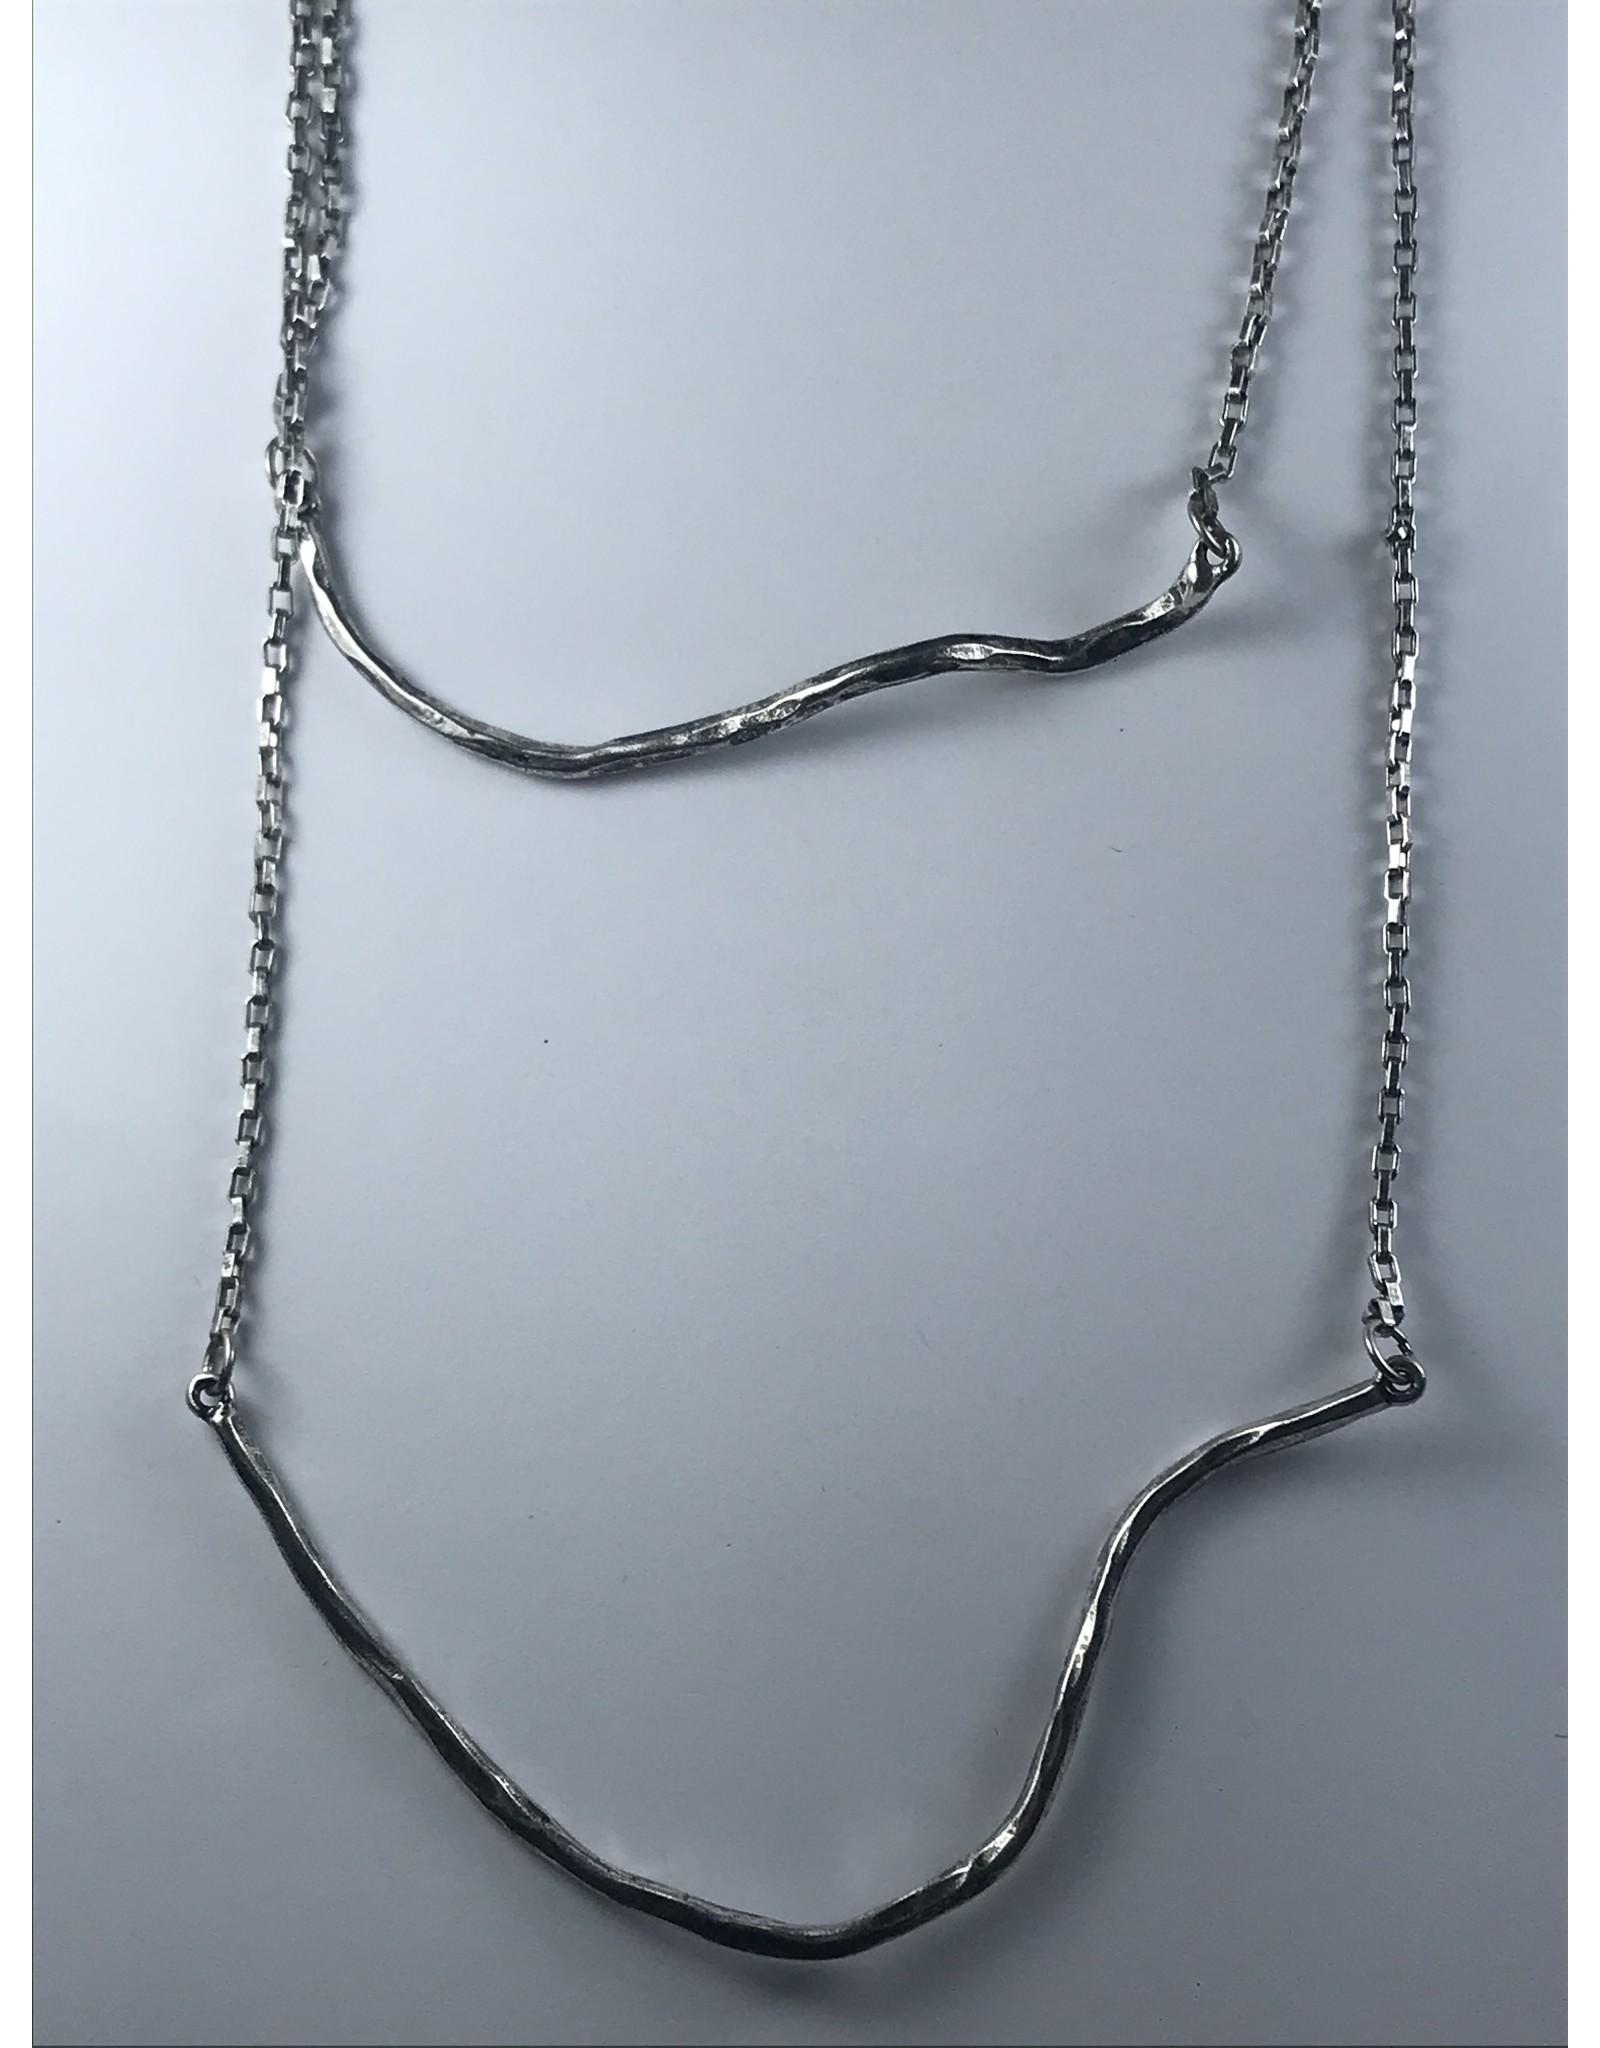 Axxes-Soir korte  zilverkleurige dubbele ketting